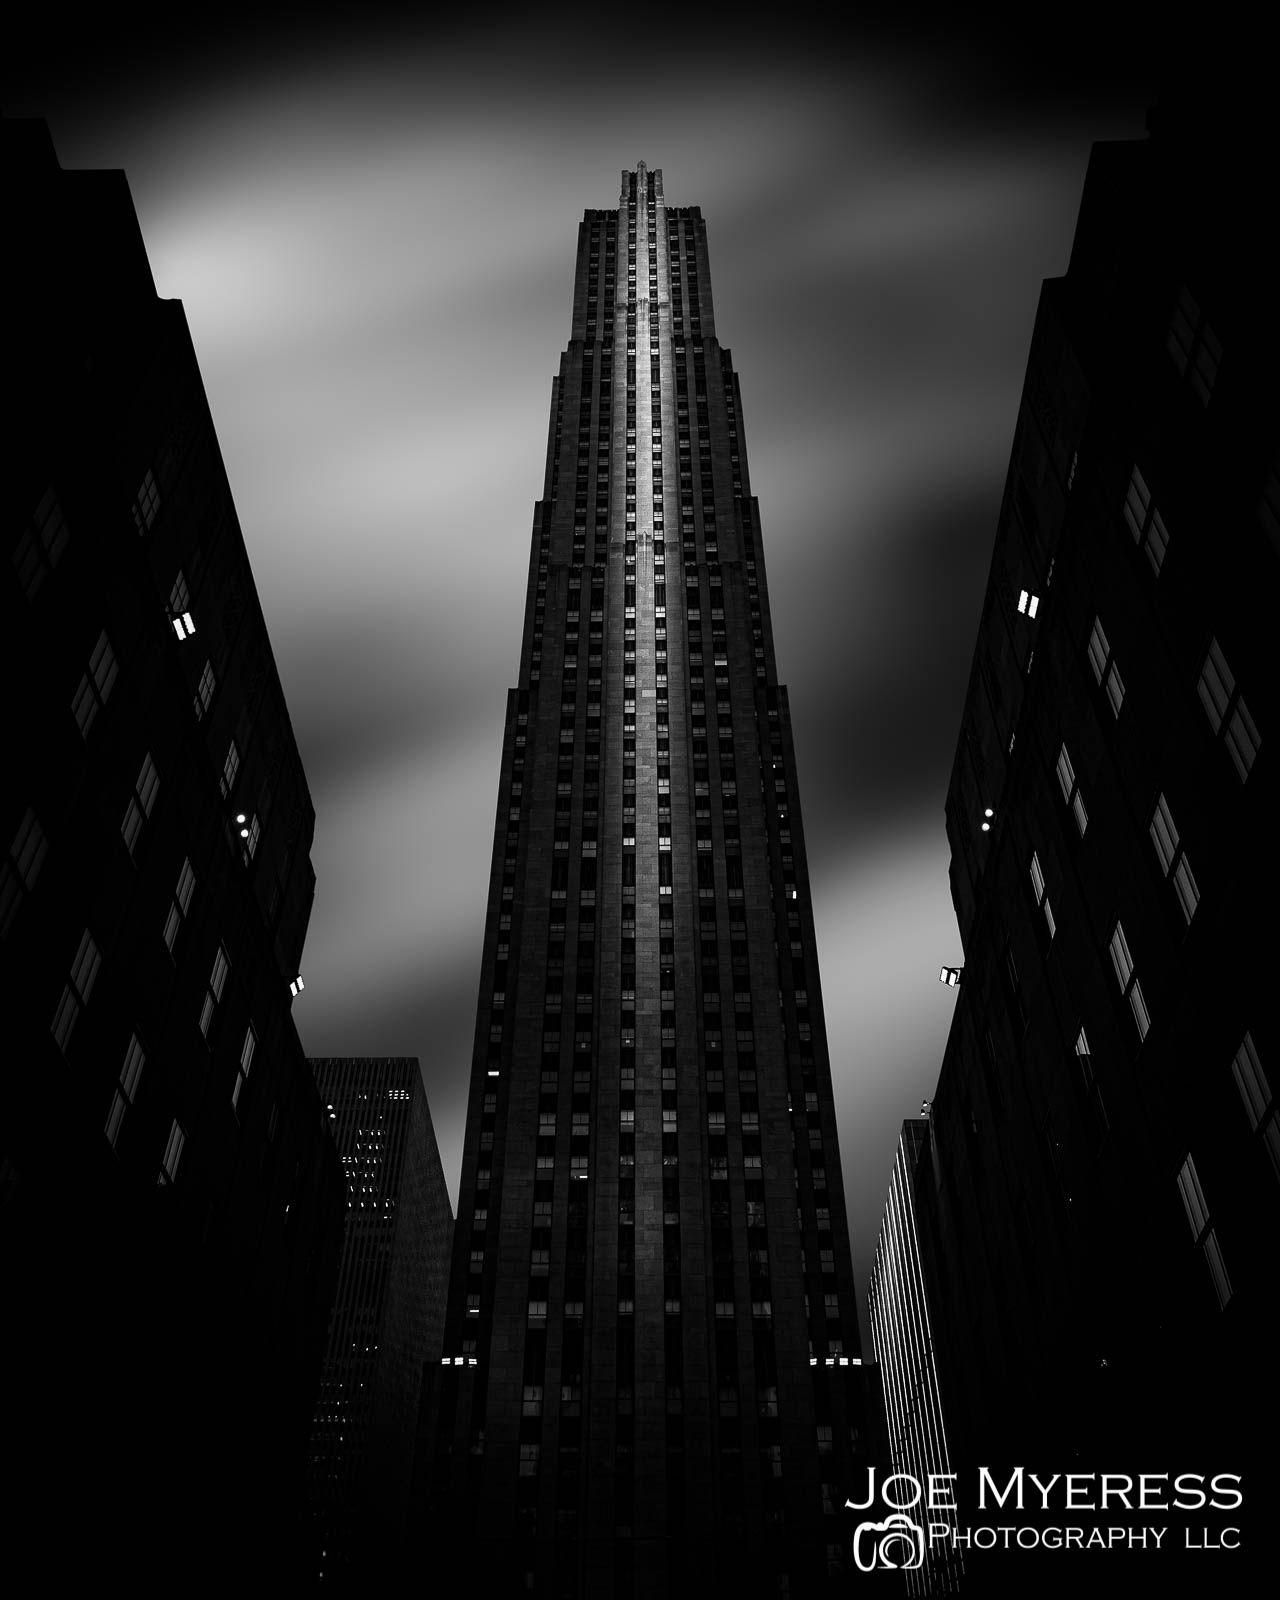 BW Fine Art of 30 Rock- Rockefeller